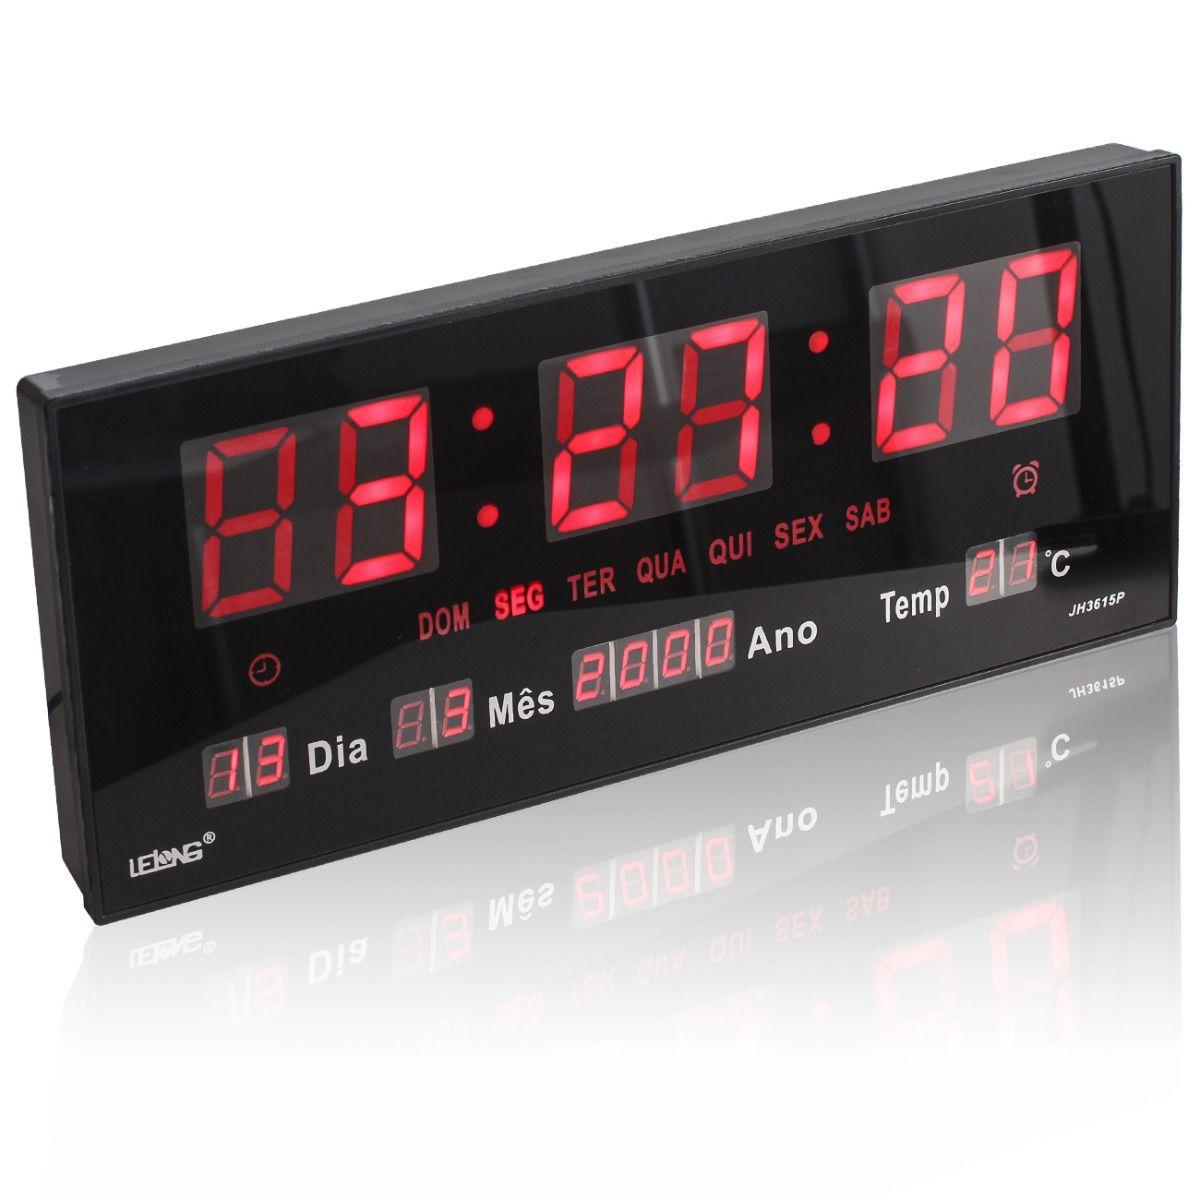 Relógio Parede Led Digital Temperatura Calendário Alarme LE-2111